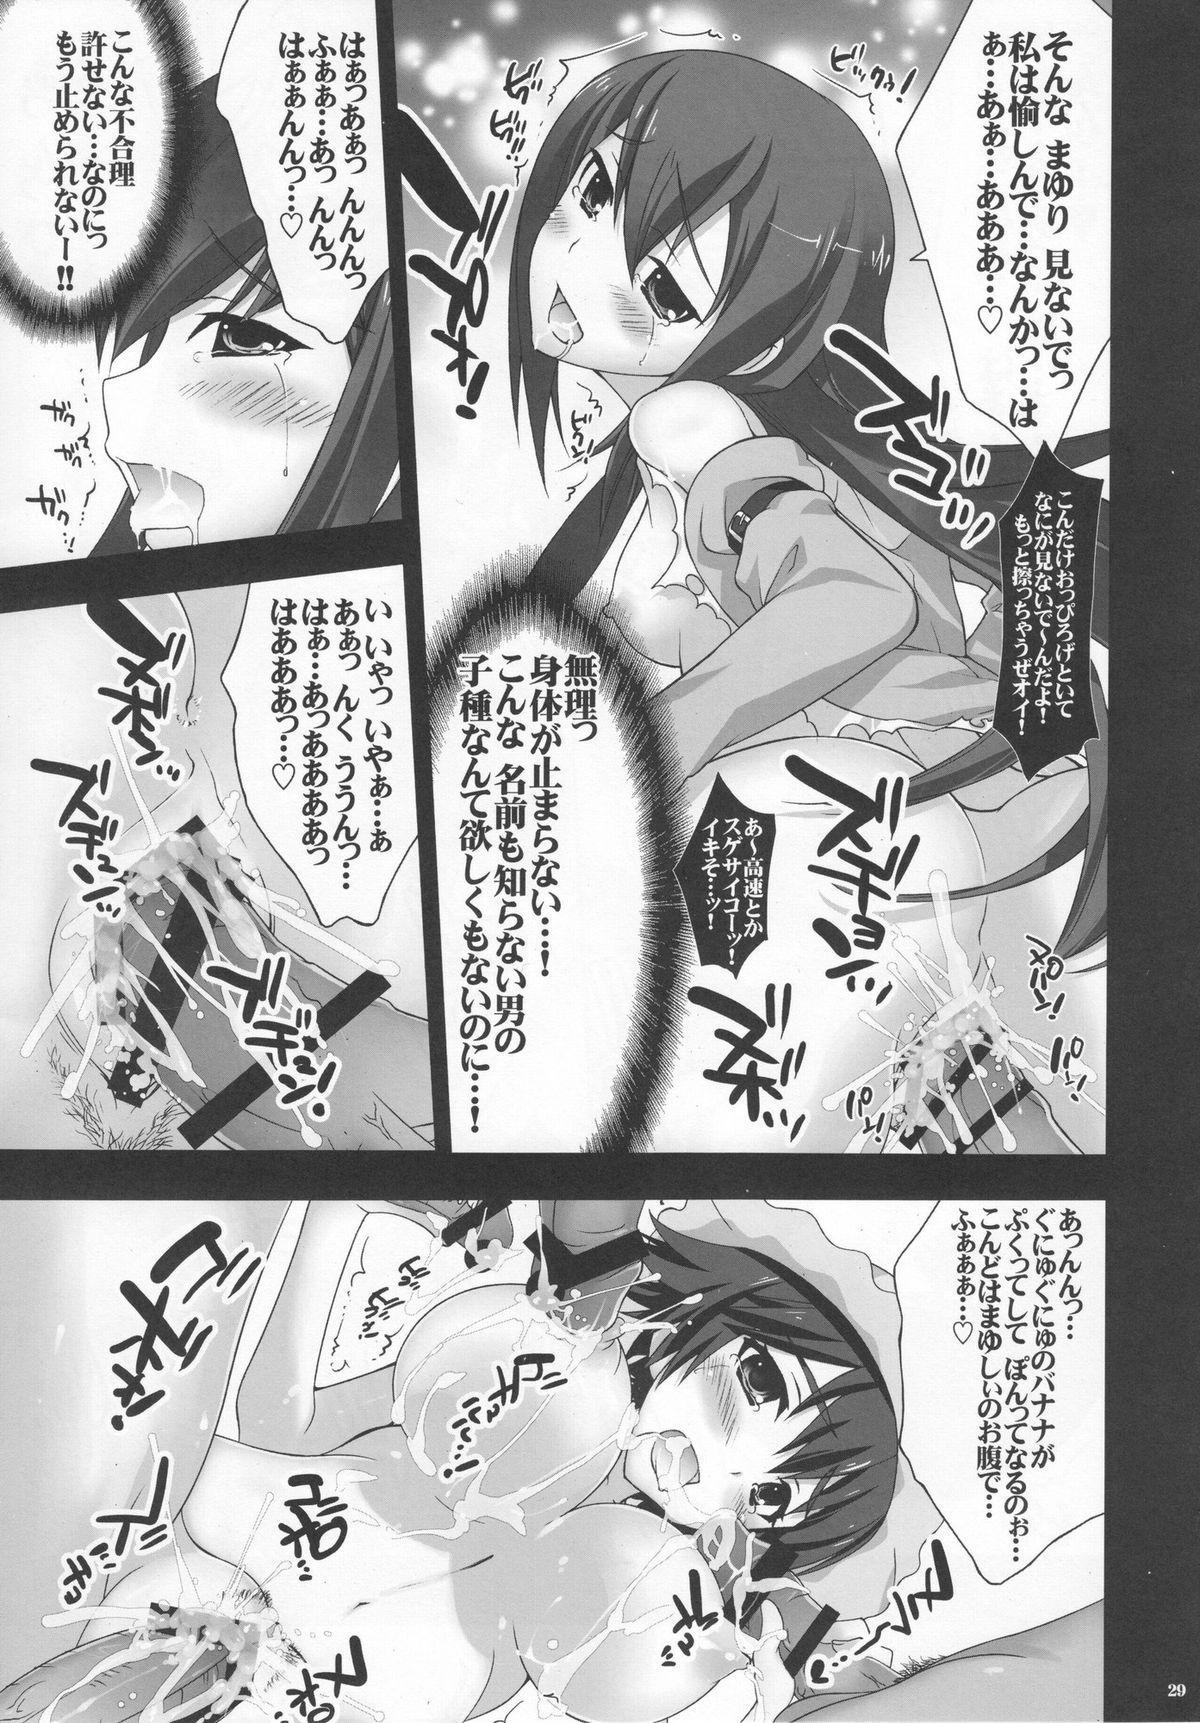 Nikuyoku Gadget Kenkyuujo 27